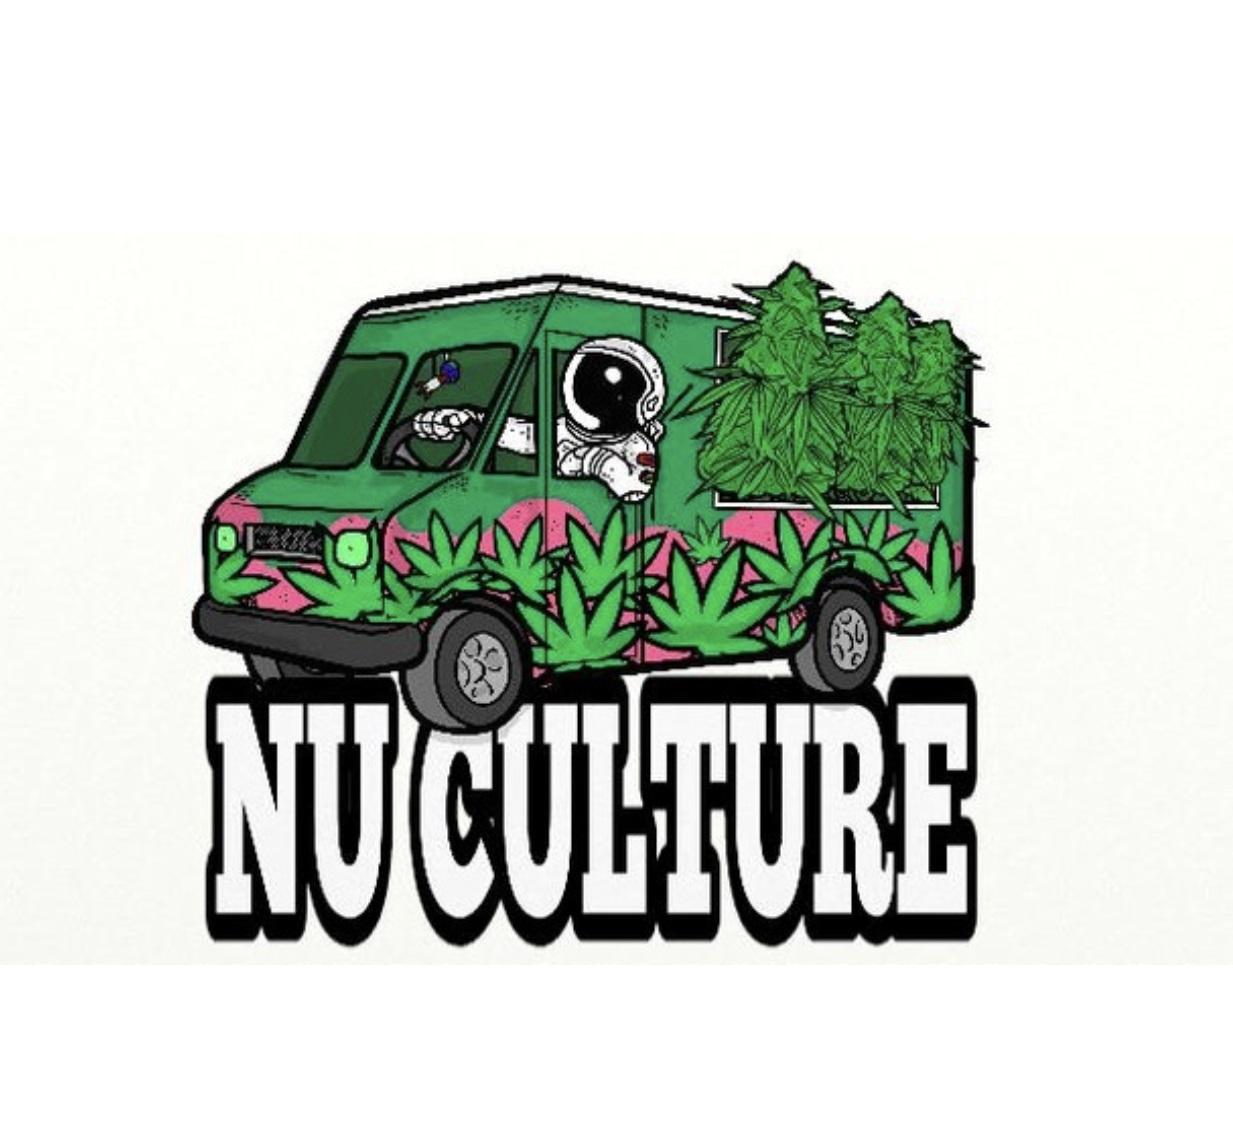 Nu Culture primary image